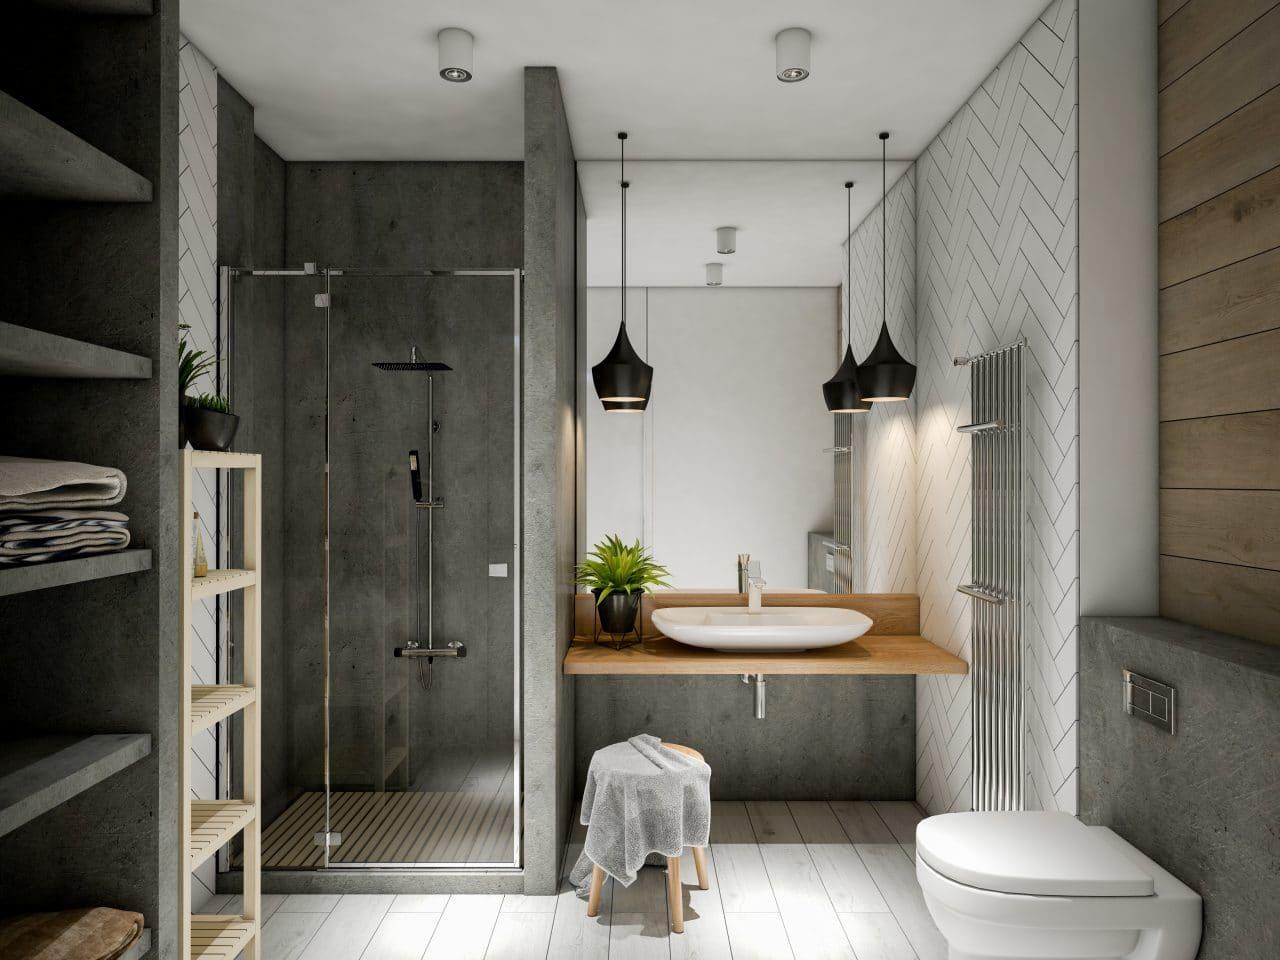 salle de bain avec douche lavabo et wc